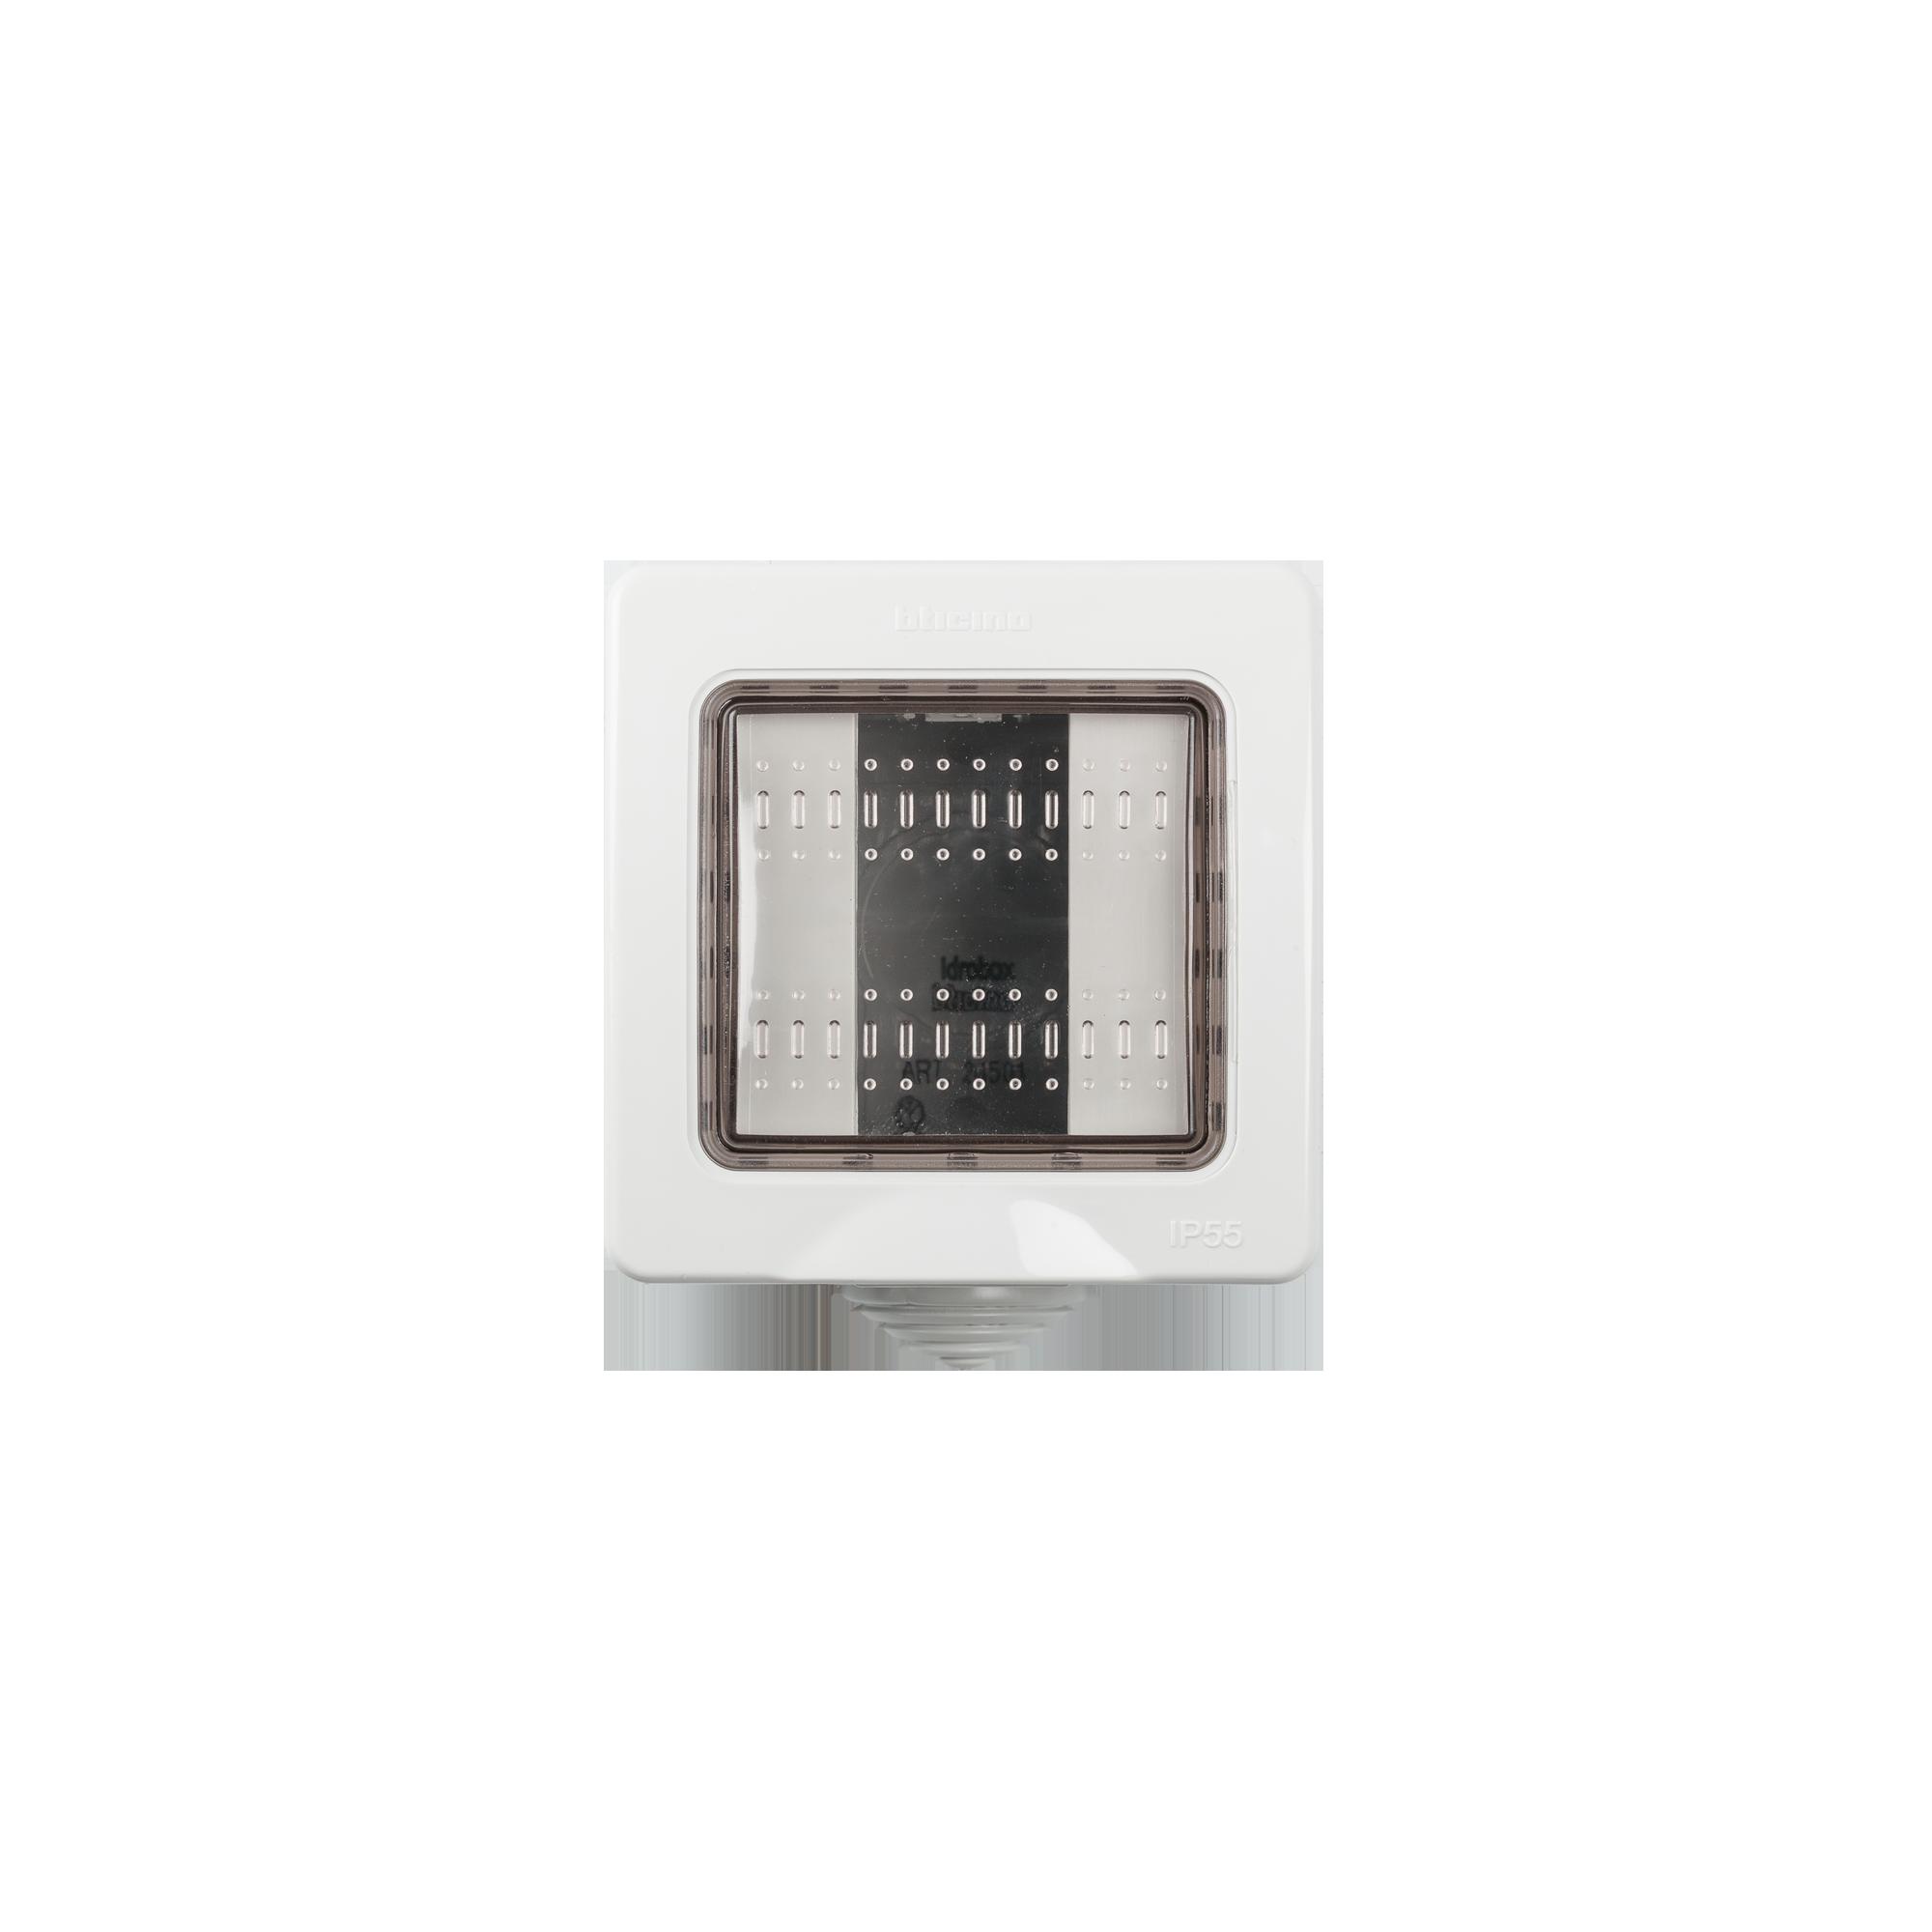 CAJAS IDROBOX IP55